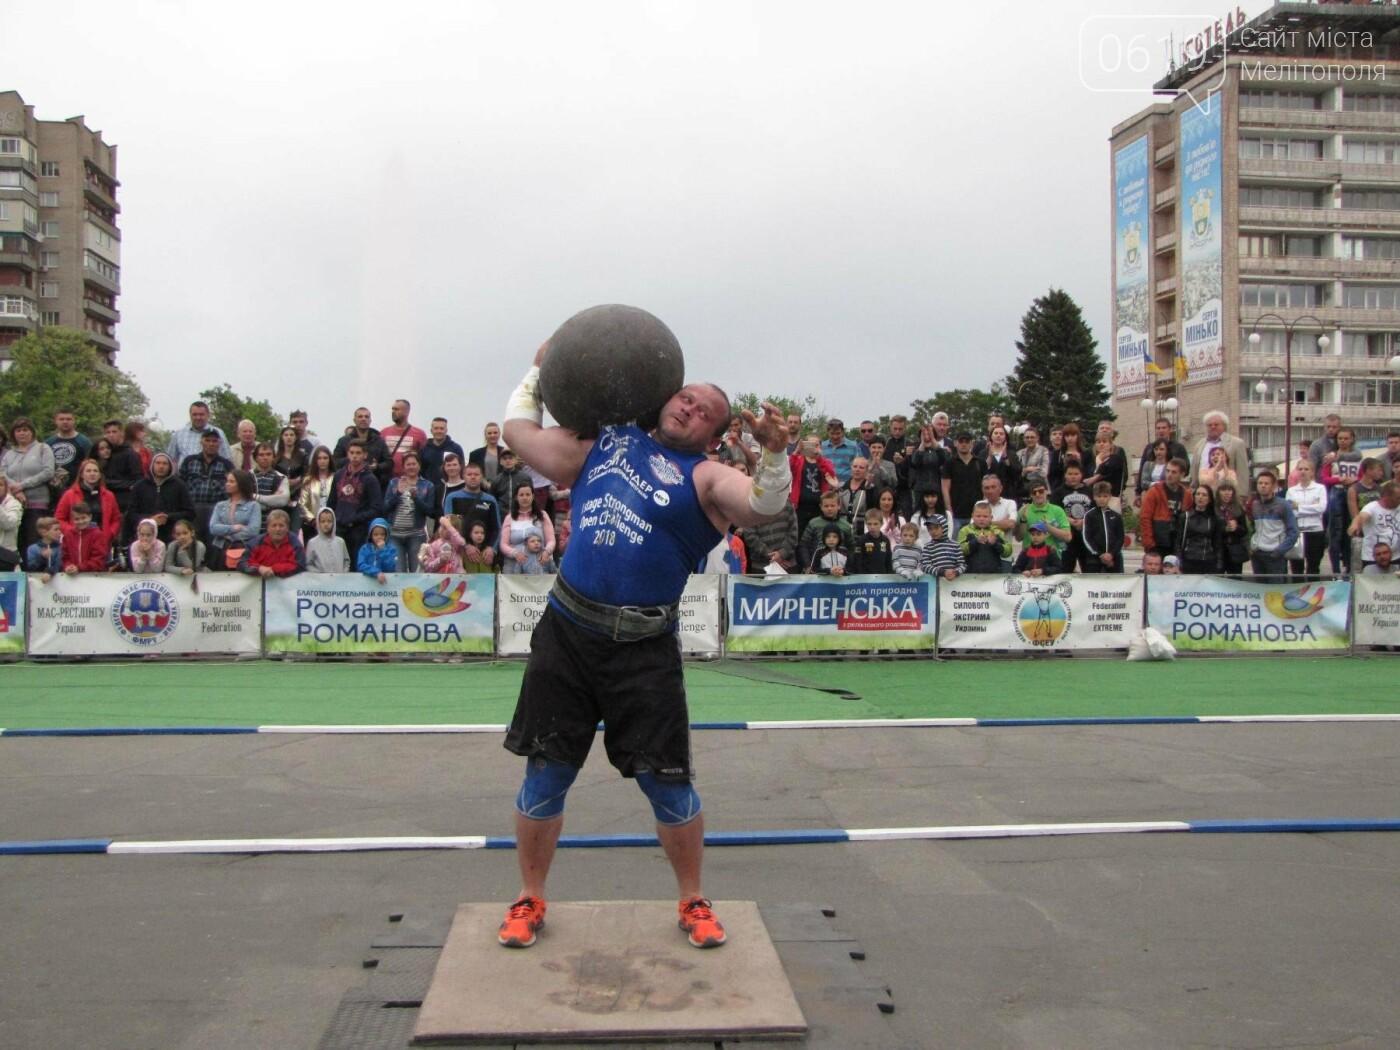 Три победы за неделю: мелитопольский богатырь выиграл второй этап международного чемпионата, фото-21